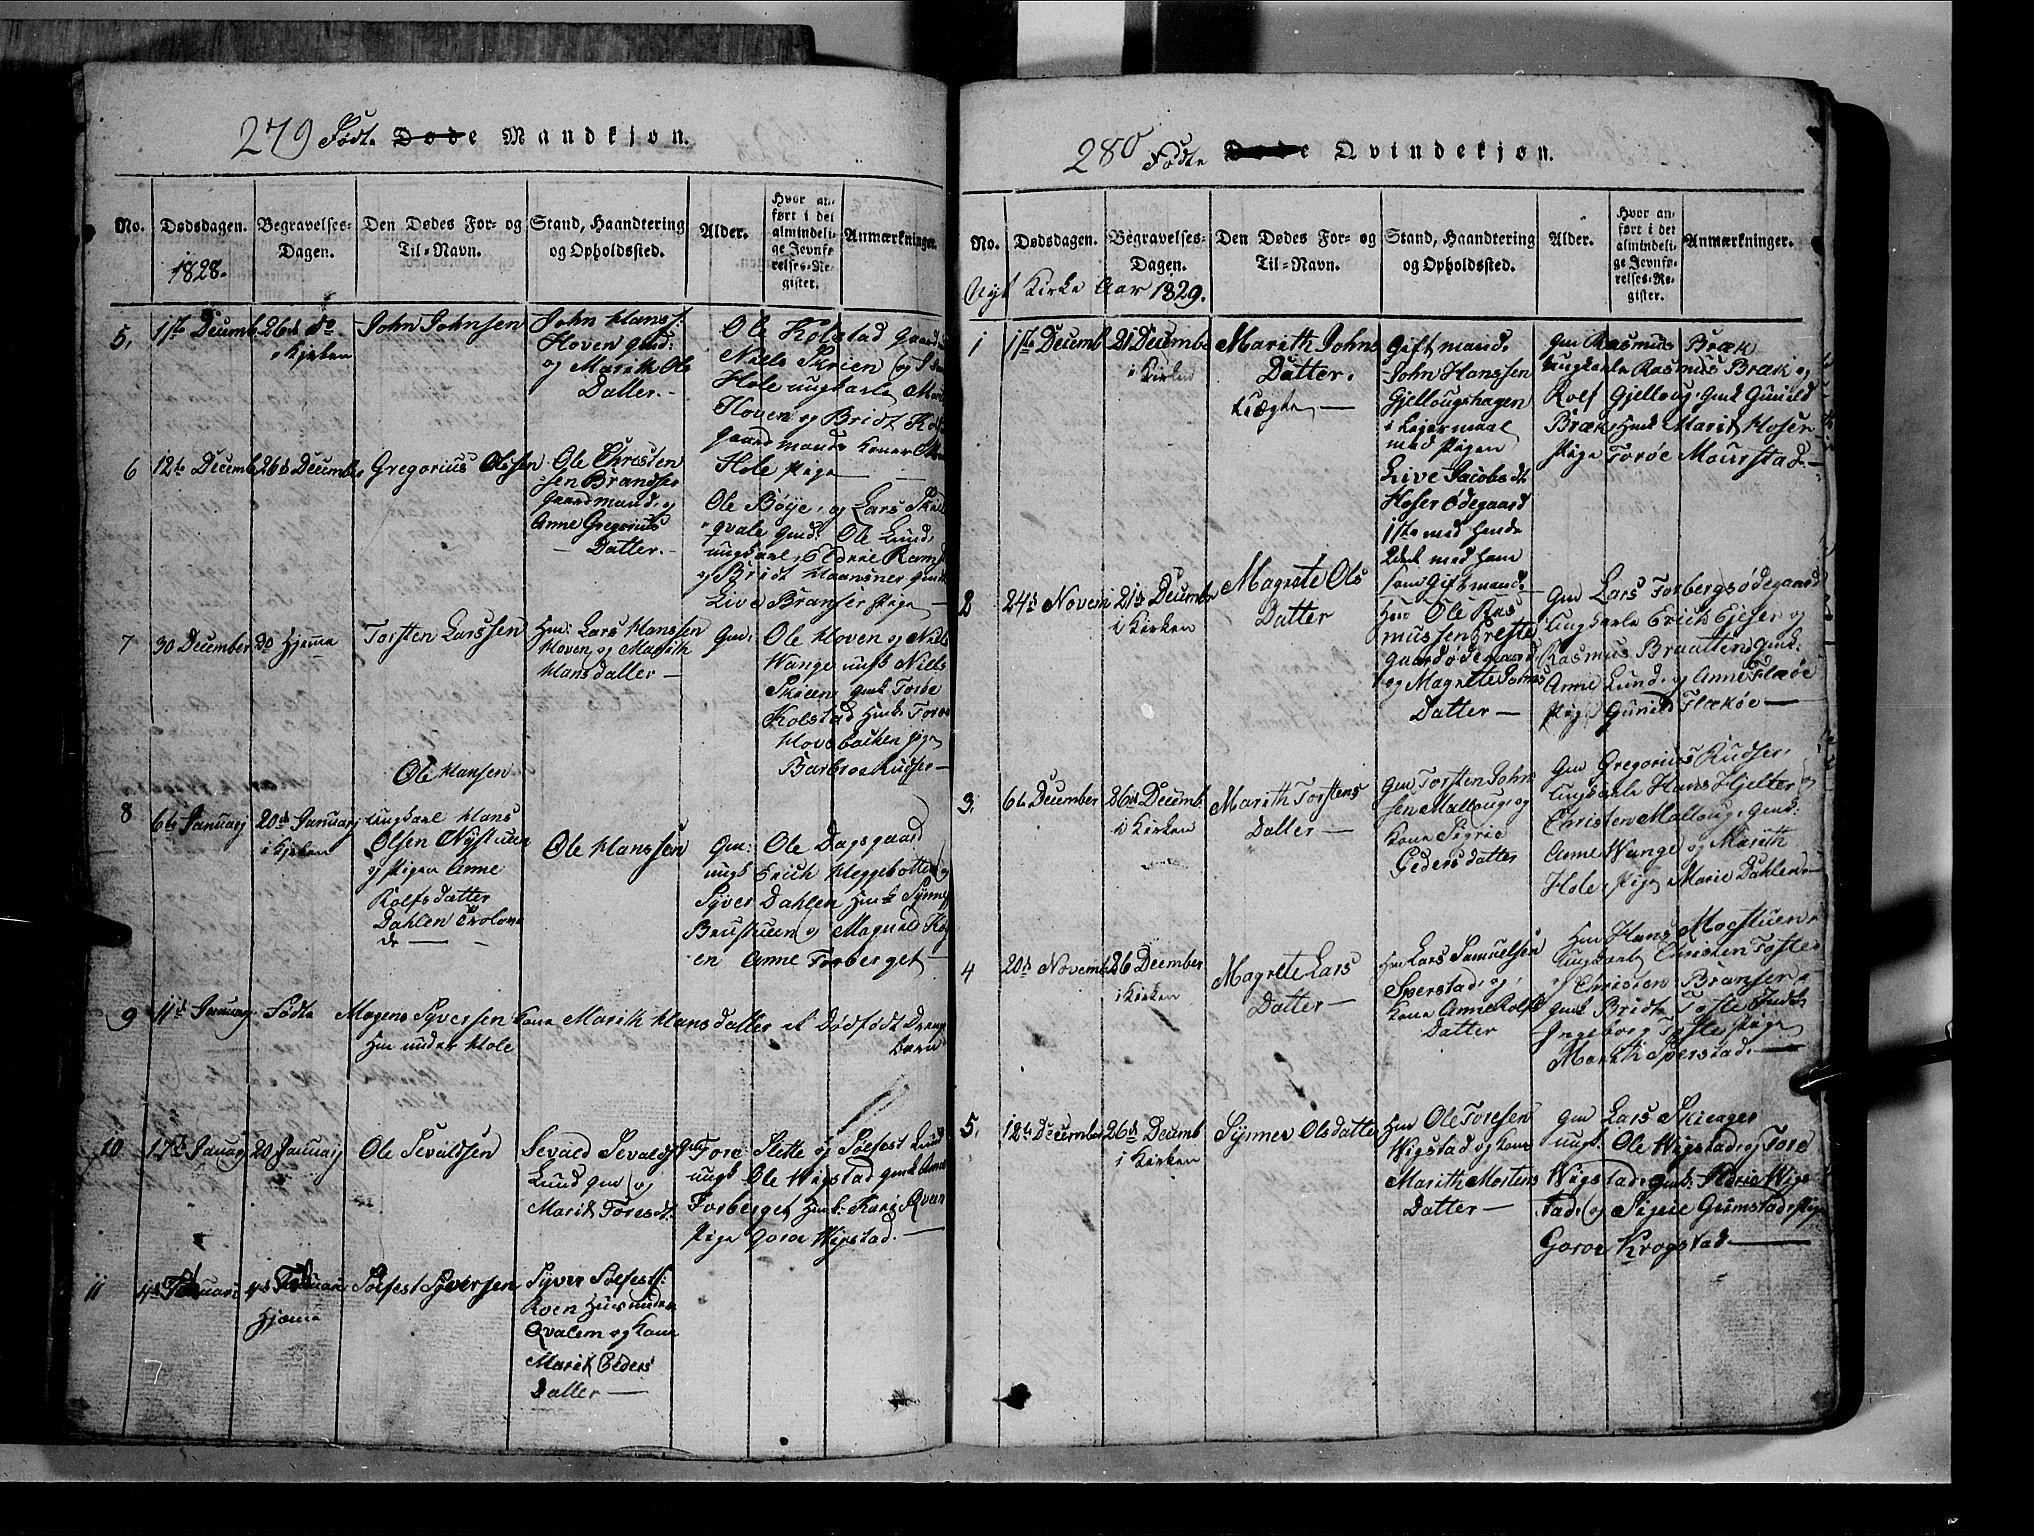 SAH, Lom prestekontor, L/L0003: Klokkerbok nr. 3, 1815-1844, s. 279-280